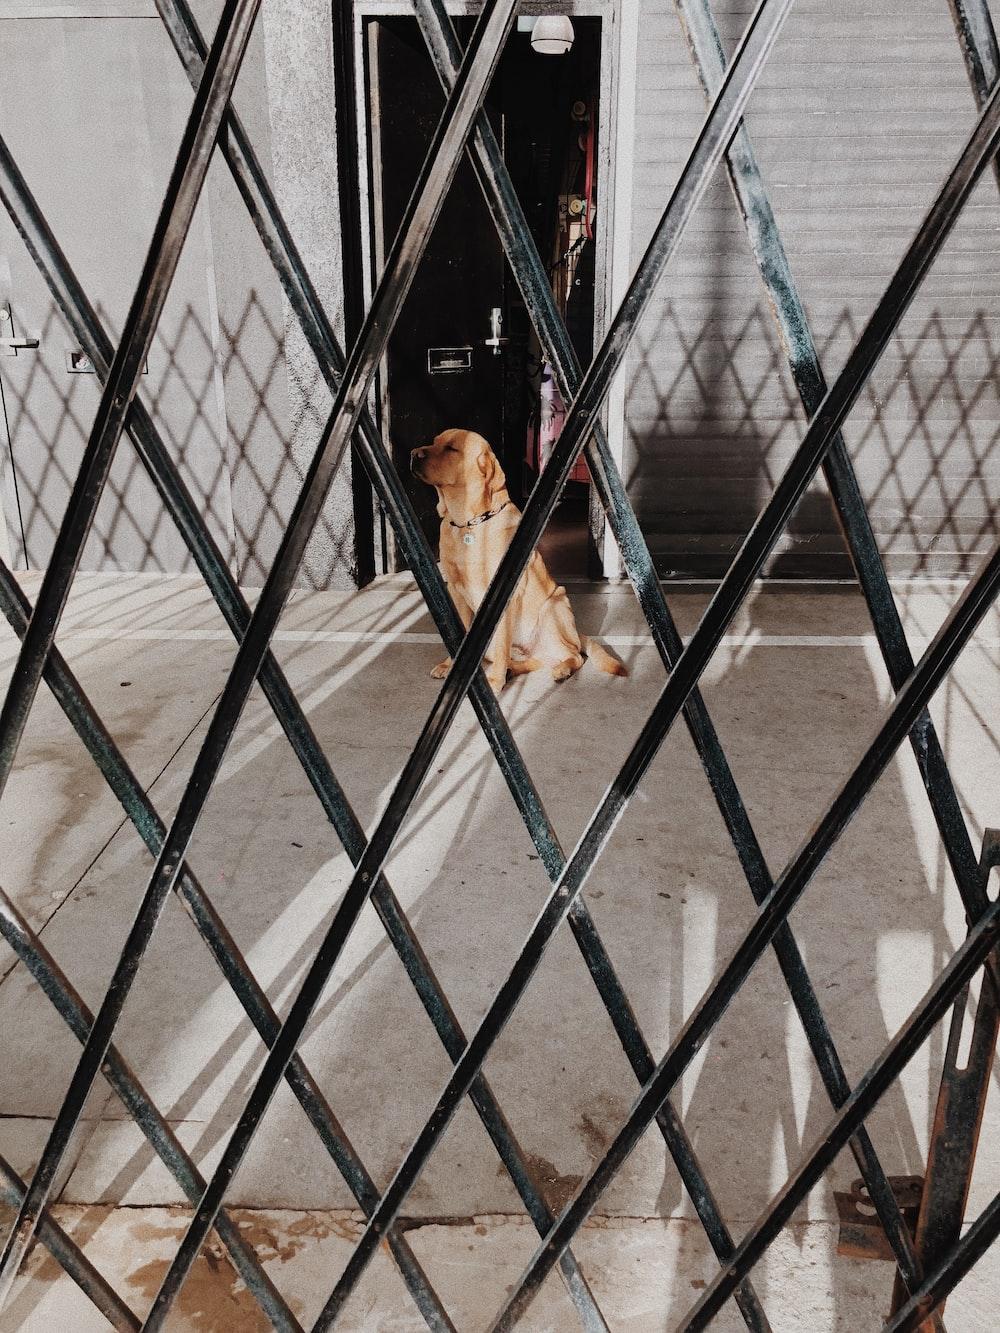 Labrador retriever at daytime